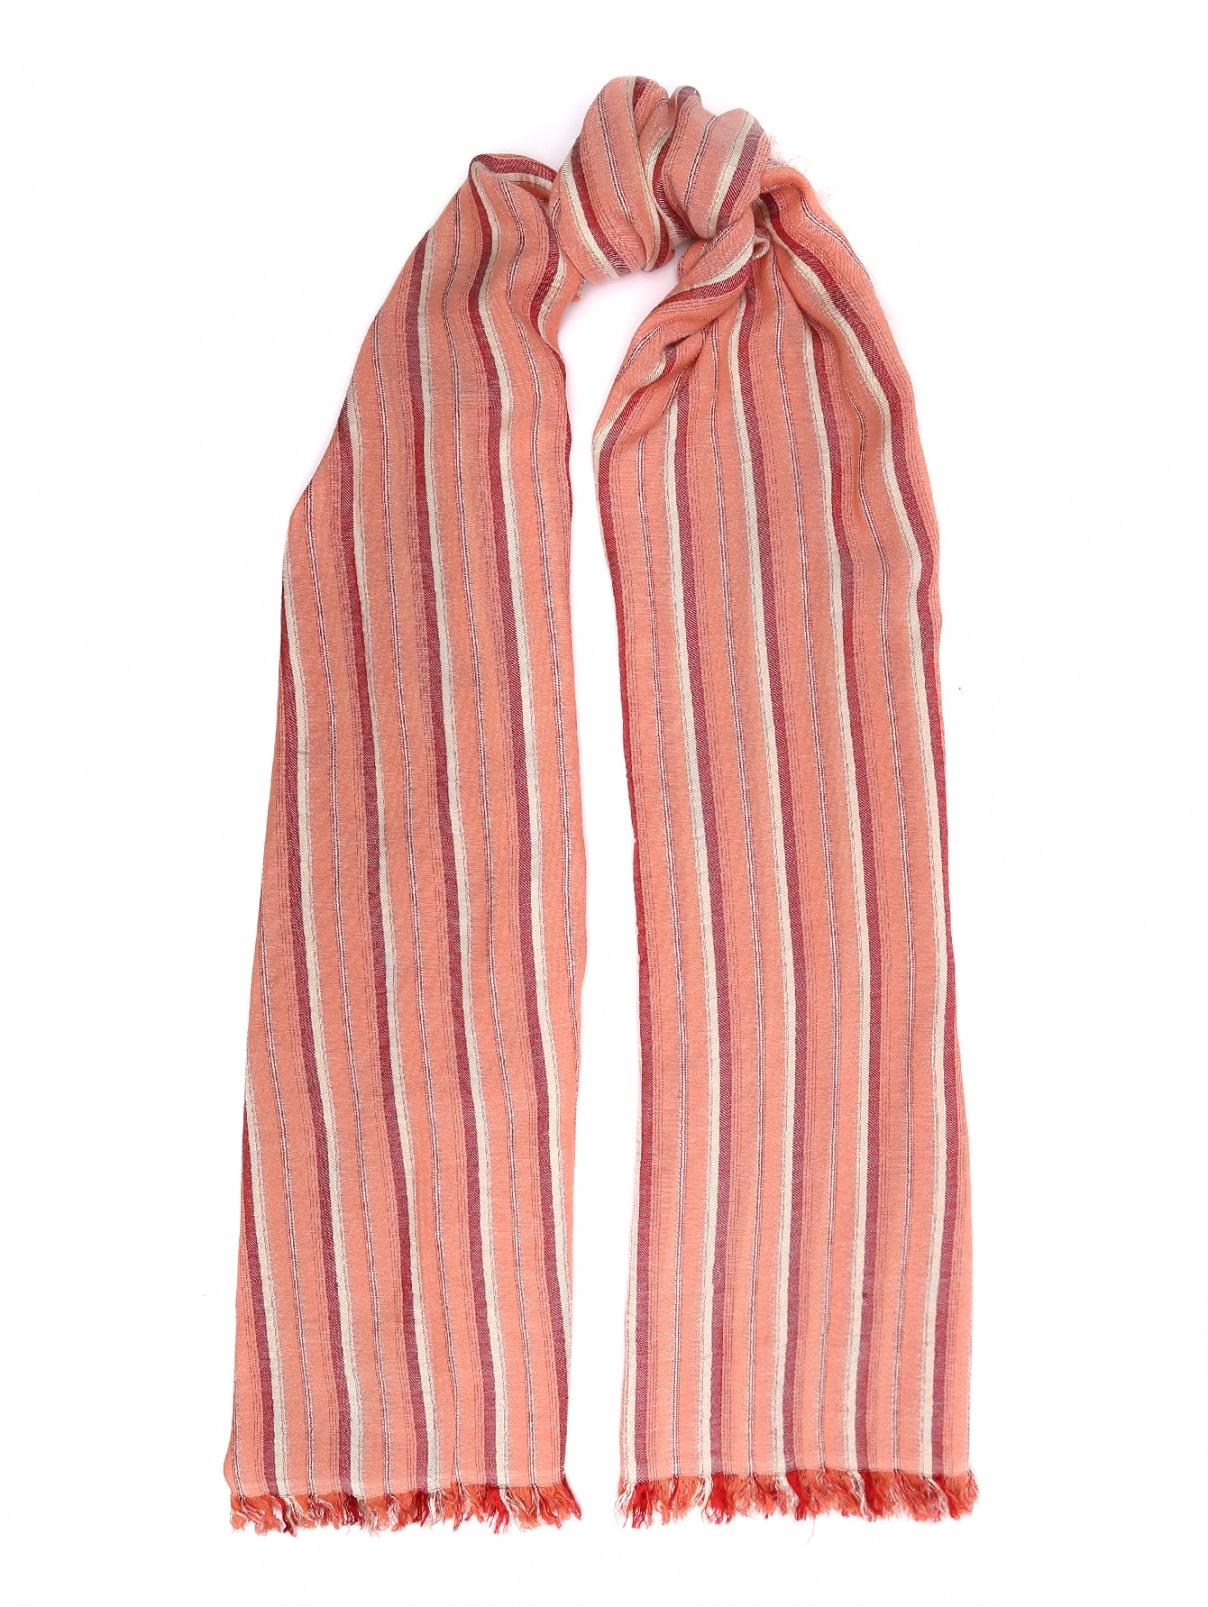 Шарф в полоску из вискозы и хлопка Max&Co  –  Общий вид  – Цвет:  Розовый